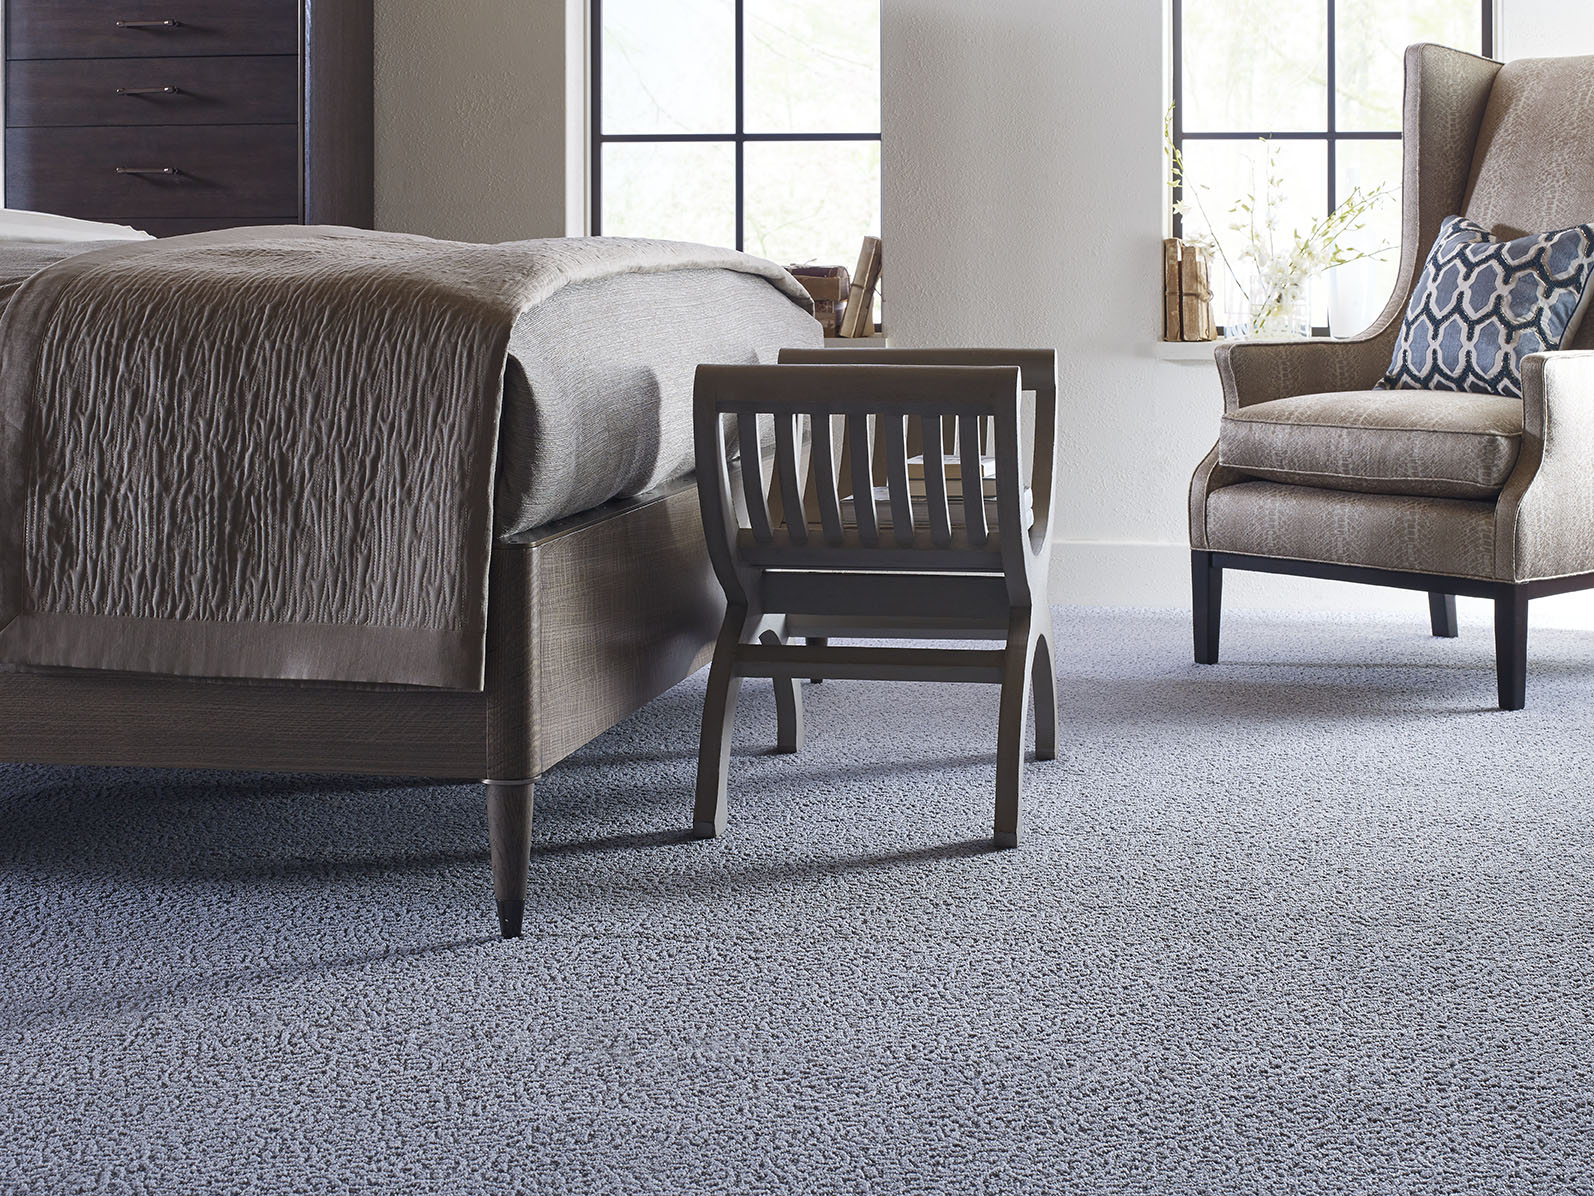 Scranton Flooring and Supply Blue Karastan Carpet